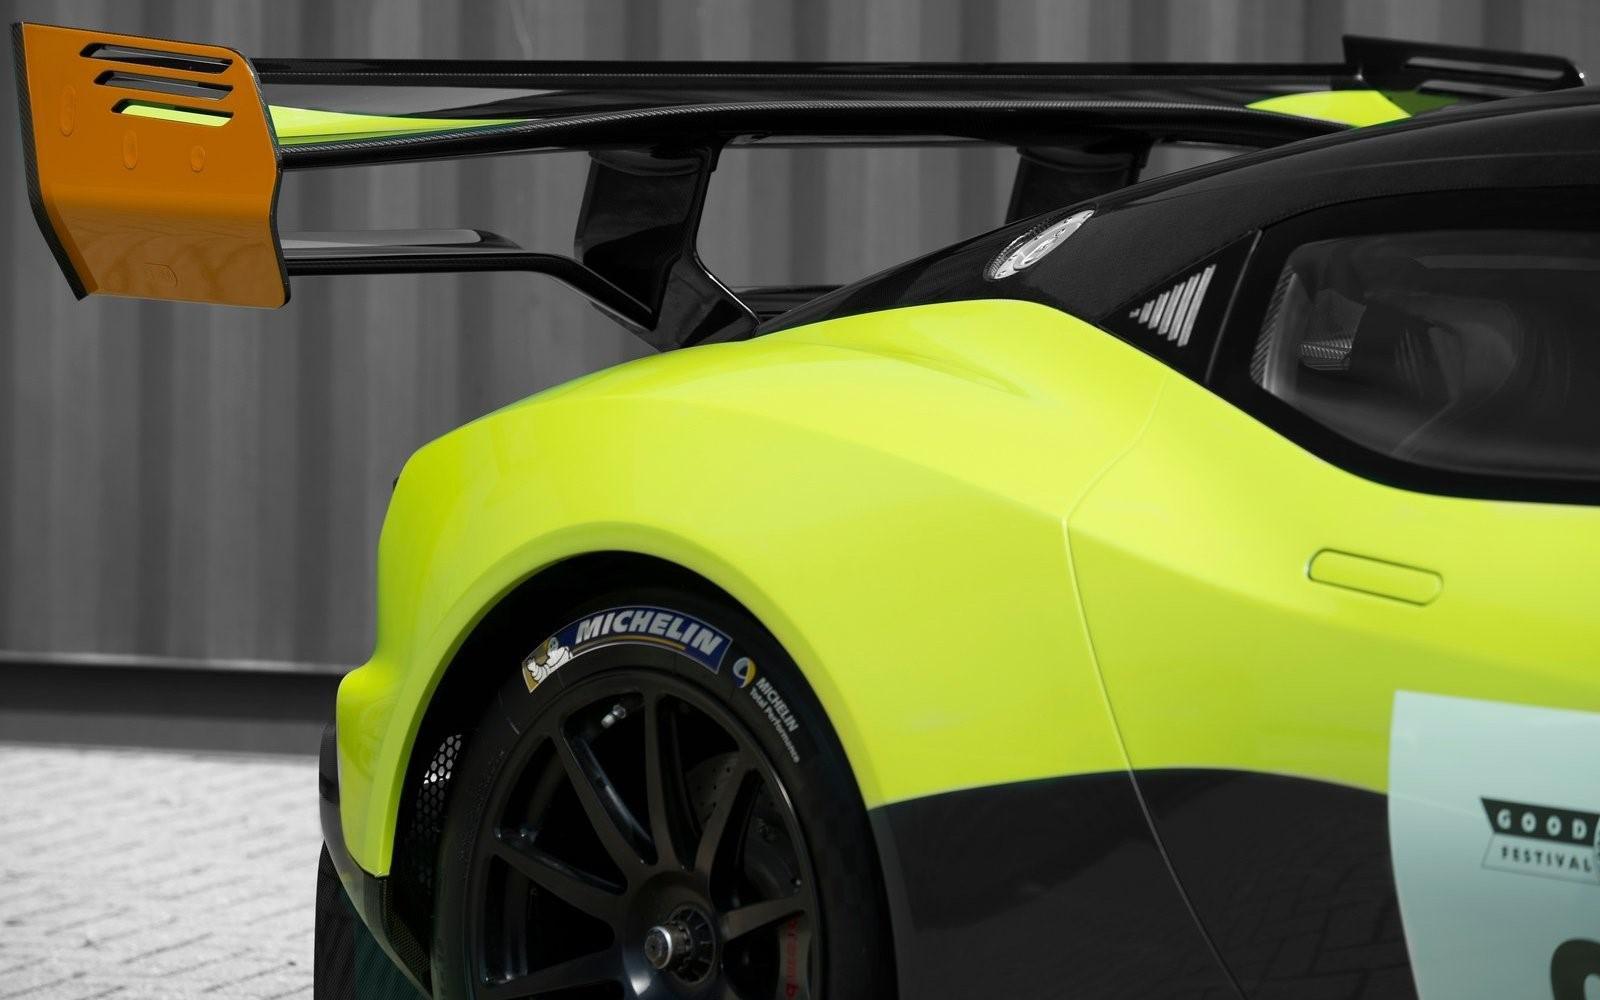 la-voiture-de-piste-la-plus-extreme-au-monde-aston-martin-vulcan-amr-pro-1308-11.jpg